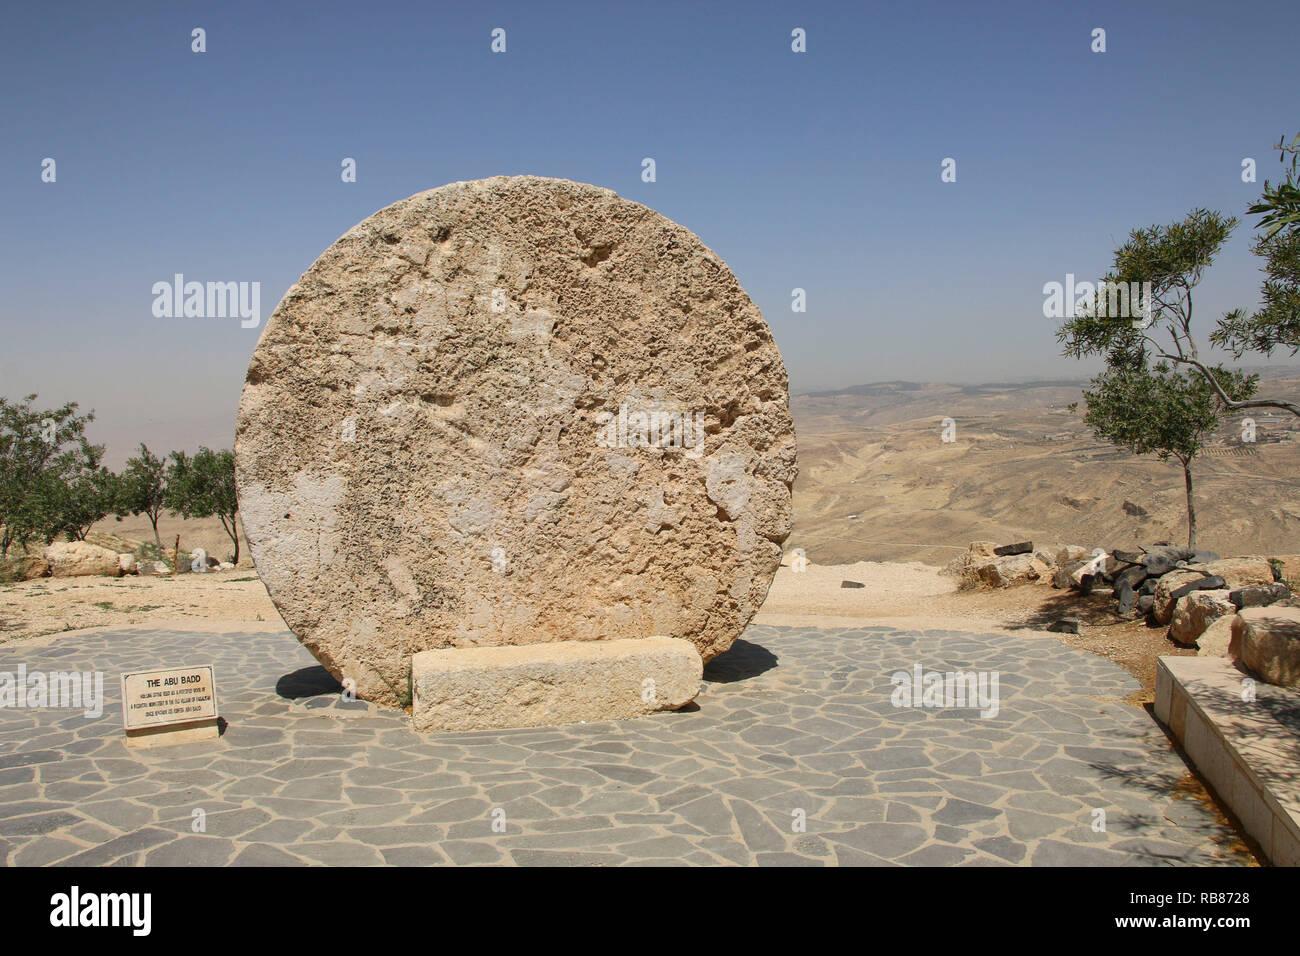 Abu badd - rolling stone used as door of Byzantine Monastery on Mount Nebo, Jordan - Stock Image